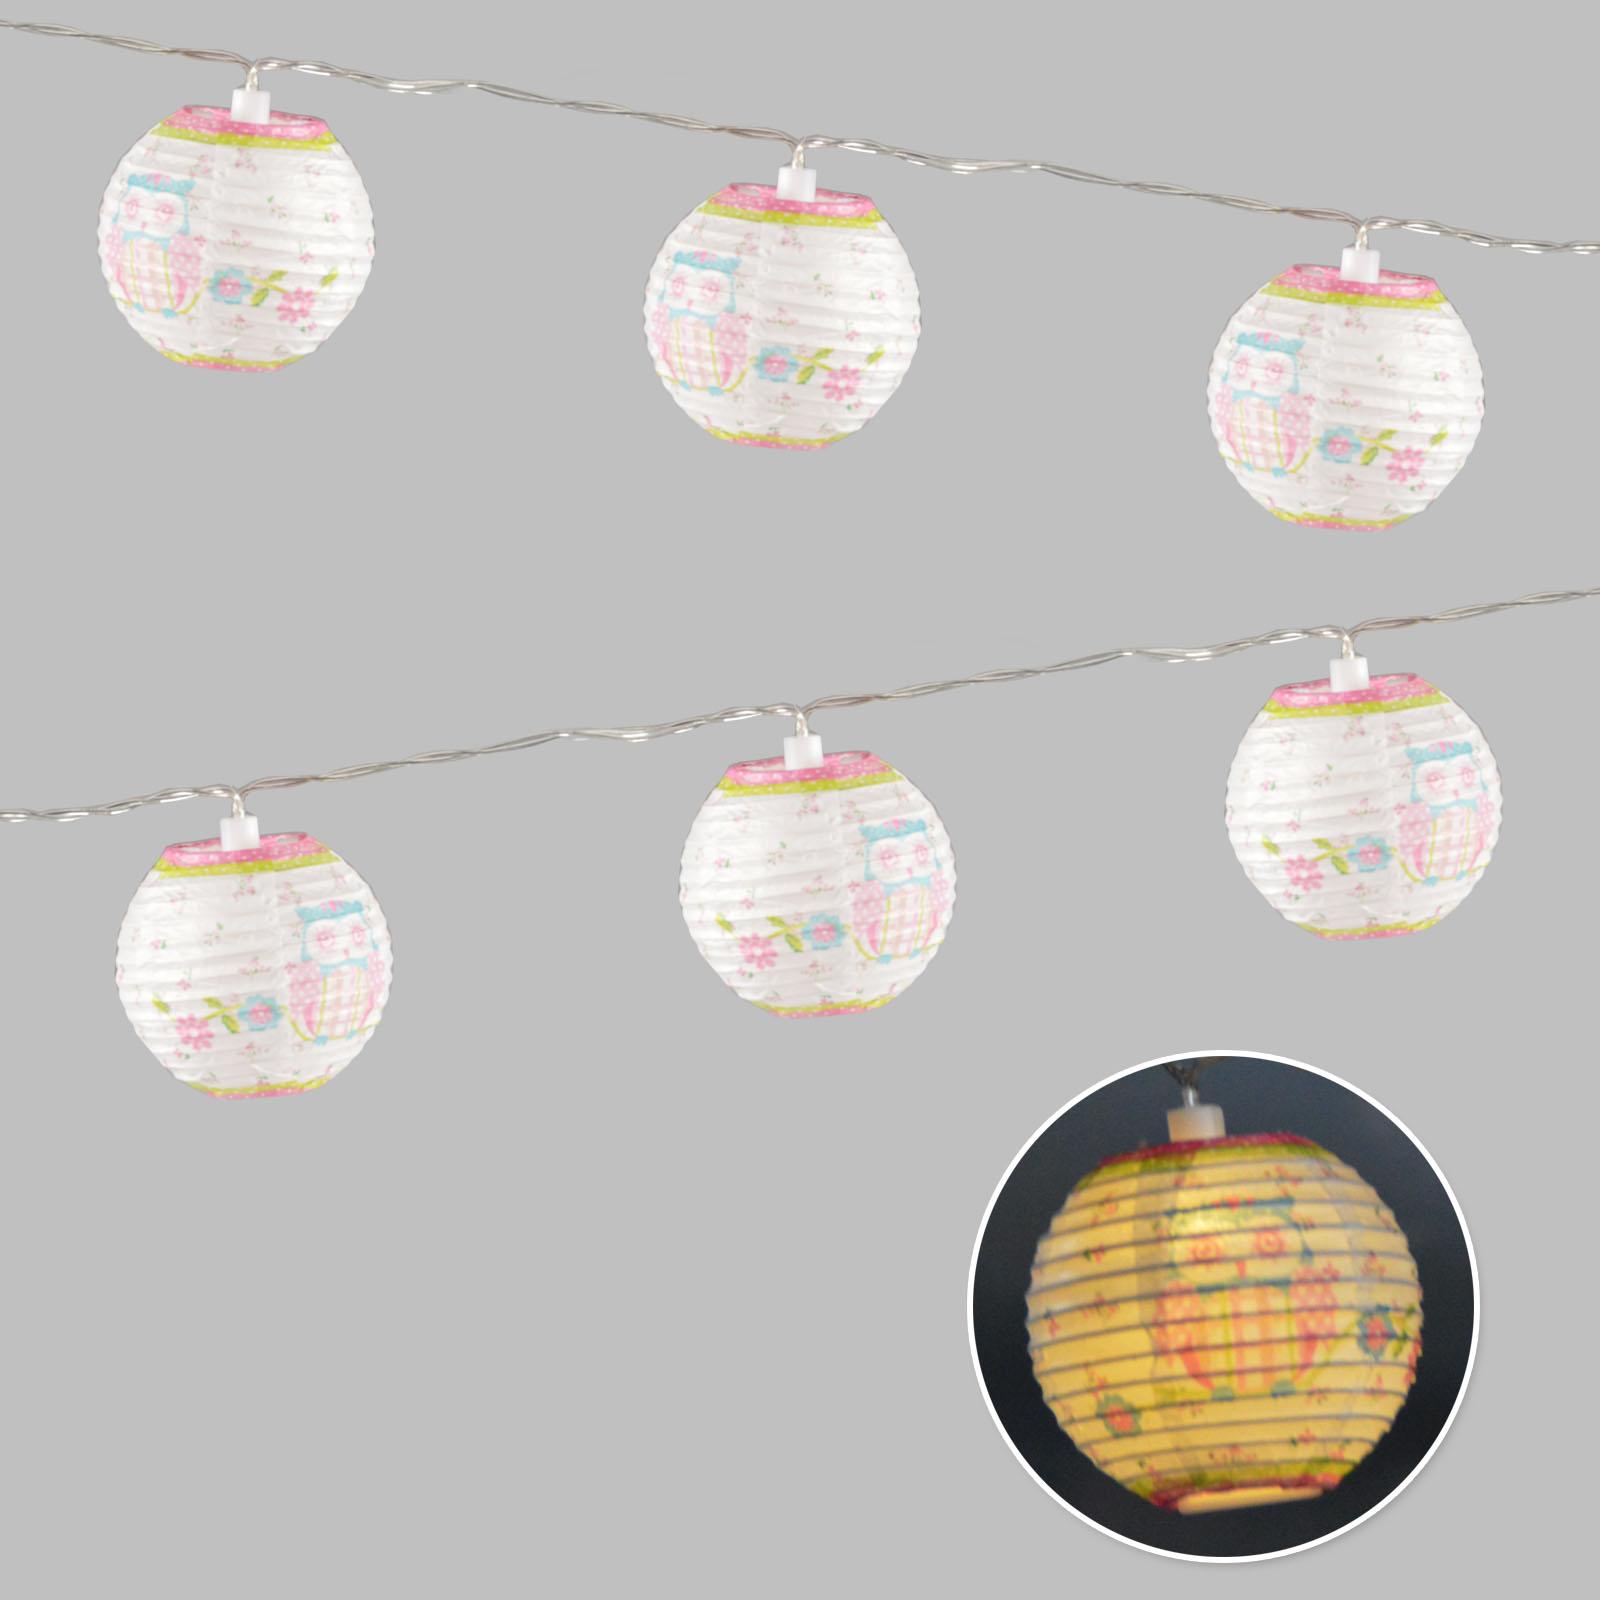 10 cha ne lumineuse led chouette lampion en papier bille - Lampion exterieur electrique ...